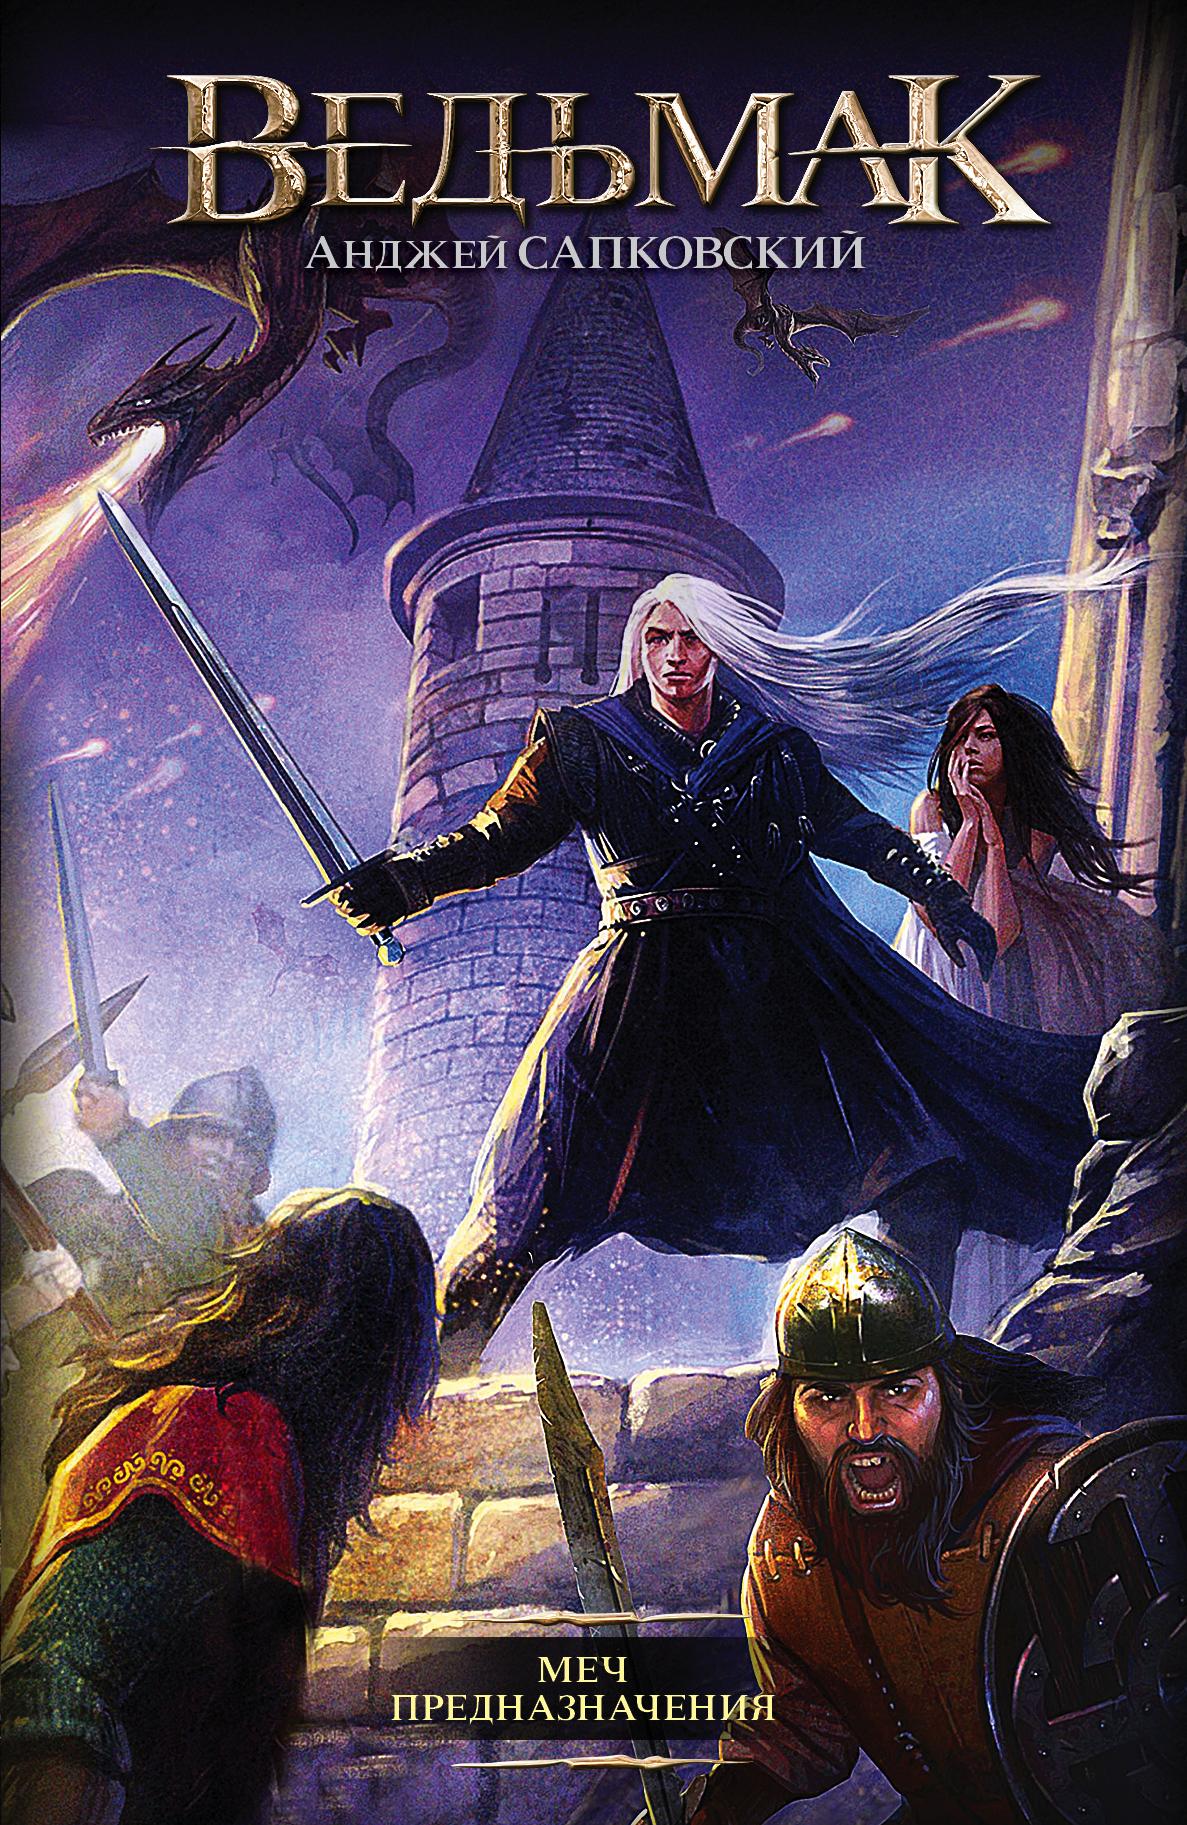 Ведьмак меч предназначения скачать fb2 бесплатно